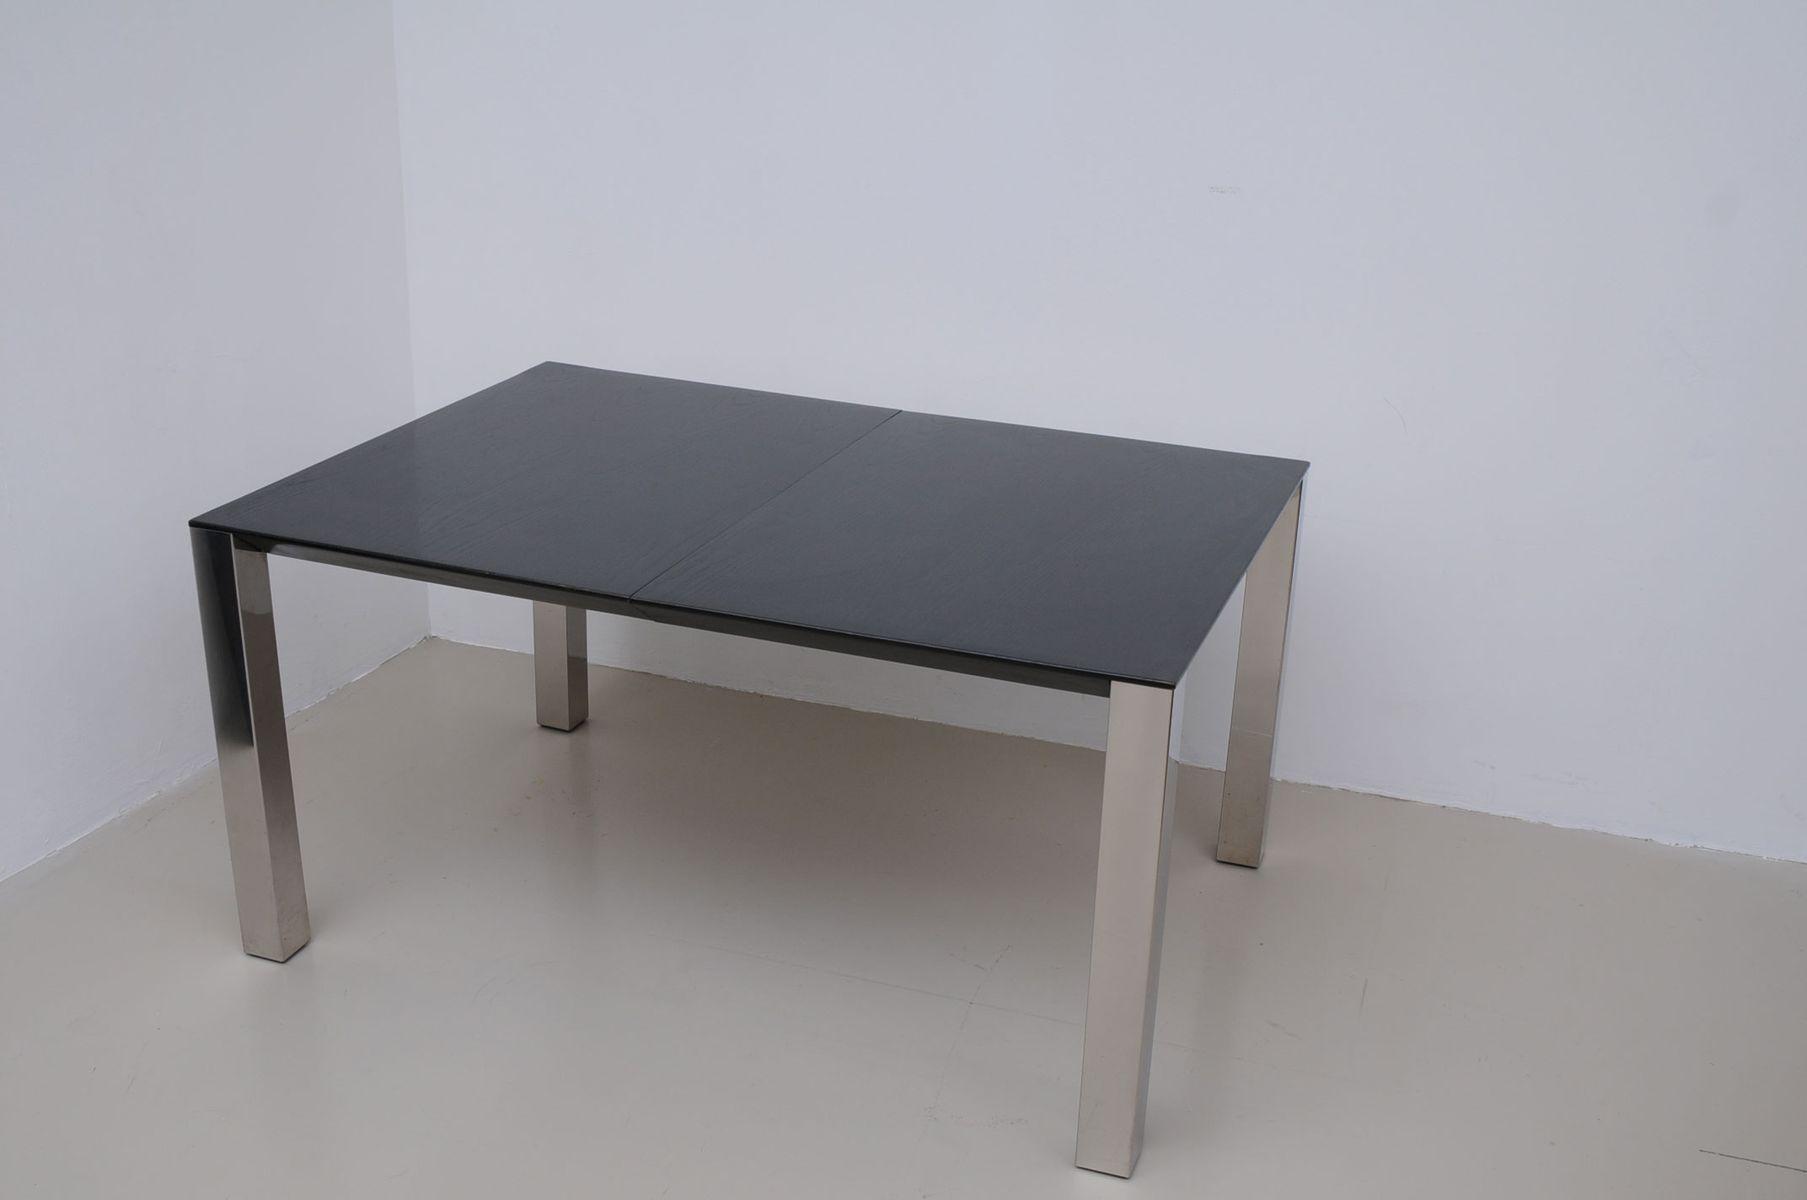 Grosser Esstisch Holz Tisch Weiss Hochglanz Ausziehbar 140